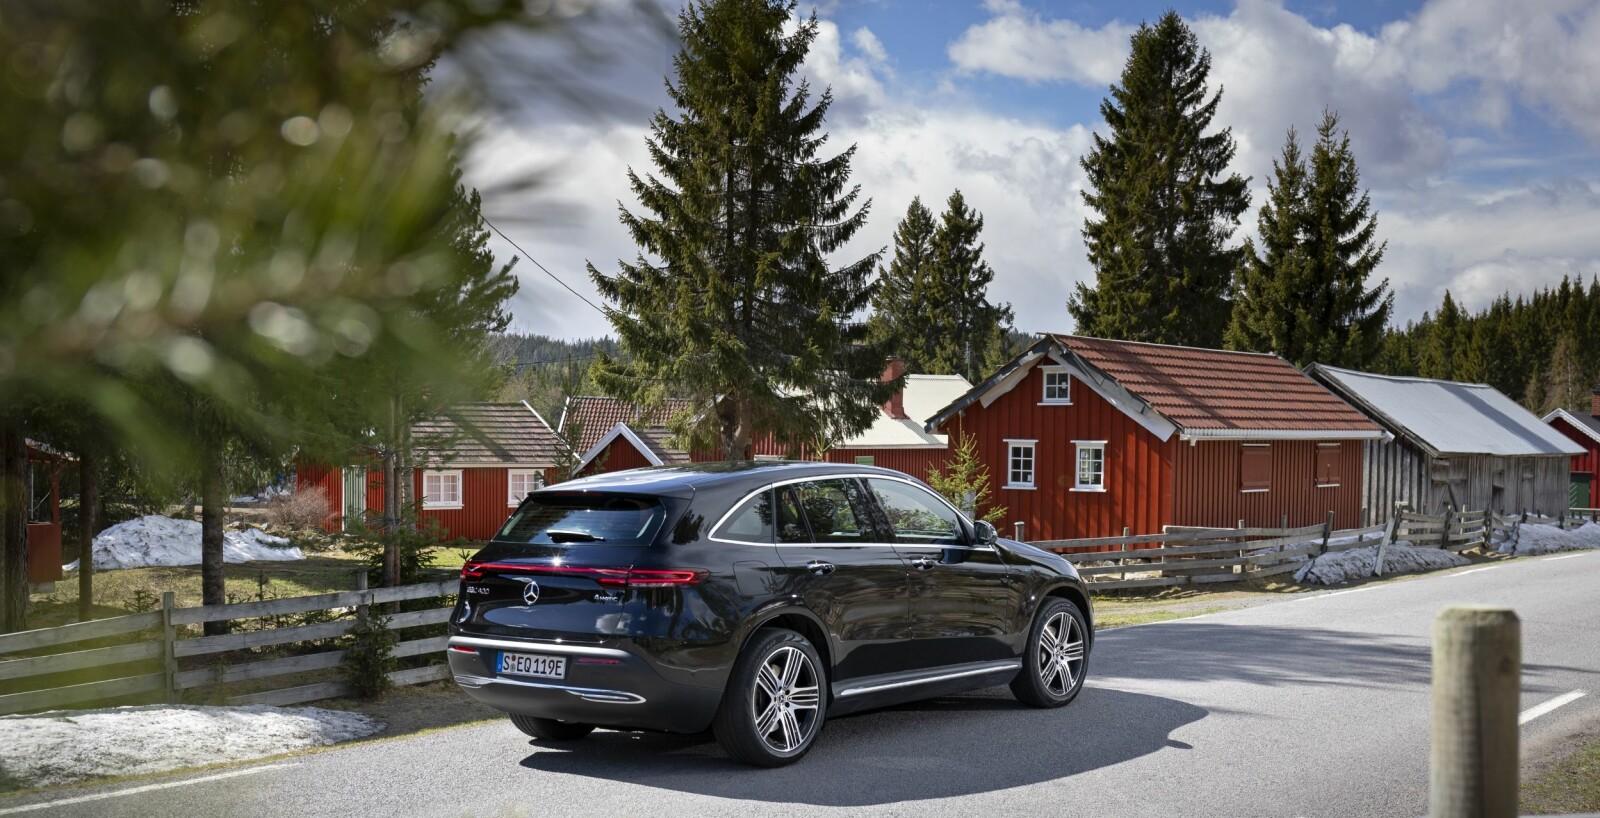 SISTE BIL UT: Mercedes-Benz EQC 400 4Matic er så langt siste bil ut i det store elektriske SUV-slippet fra de viktige prestisjeprodusentene Jaguar, Audi, Mercedes-Benz og BMW. Utlevering av EQC starter høsten 2019. Vi venter fortsatt på BMW iX3 med planlagt lansering i 2020.